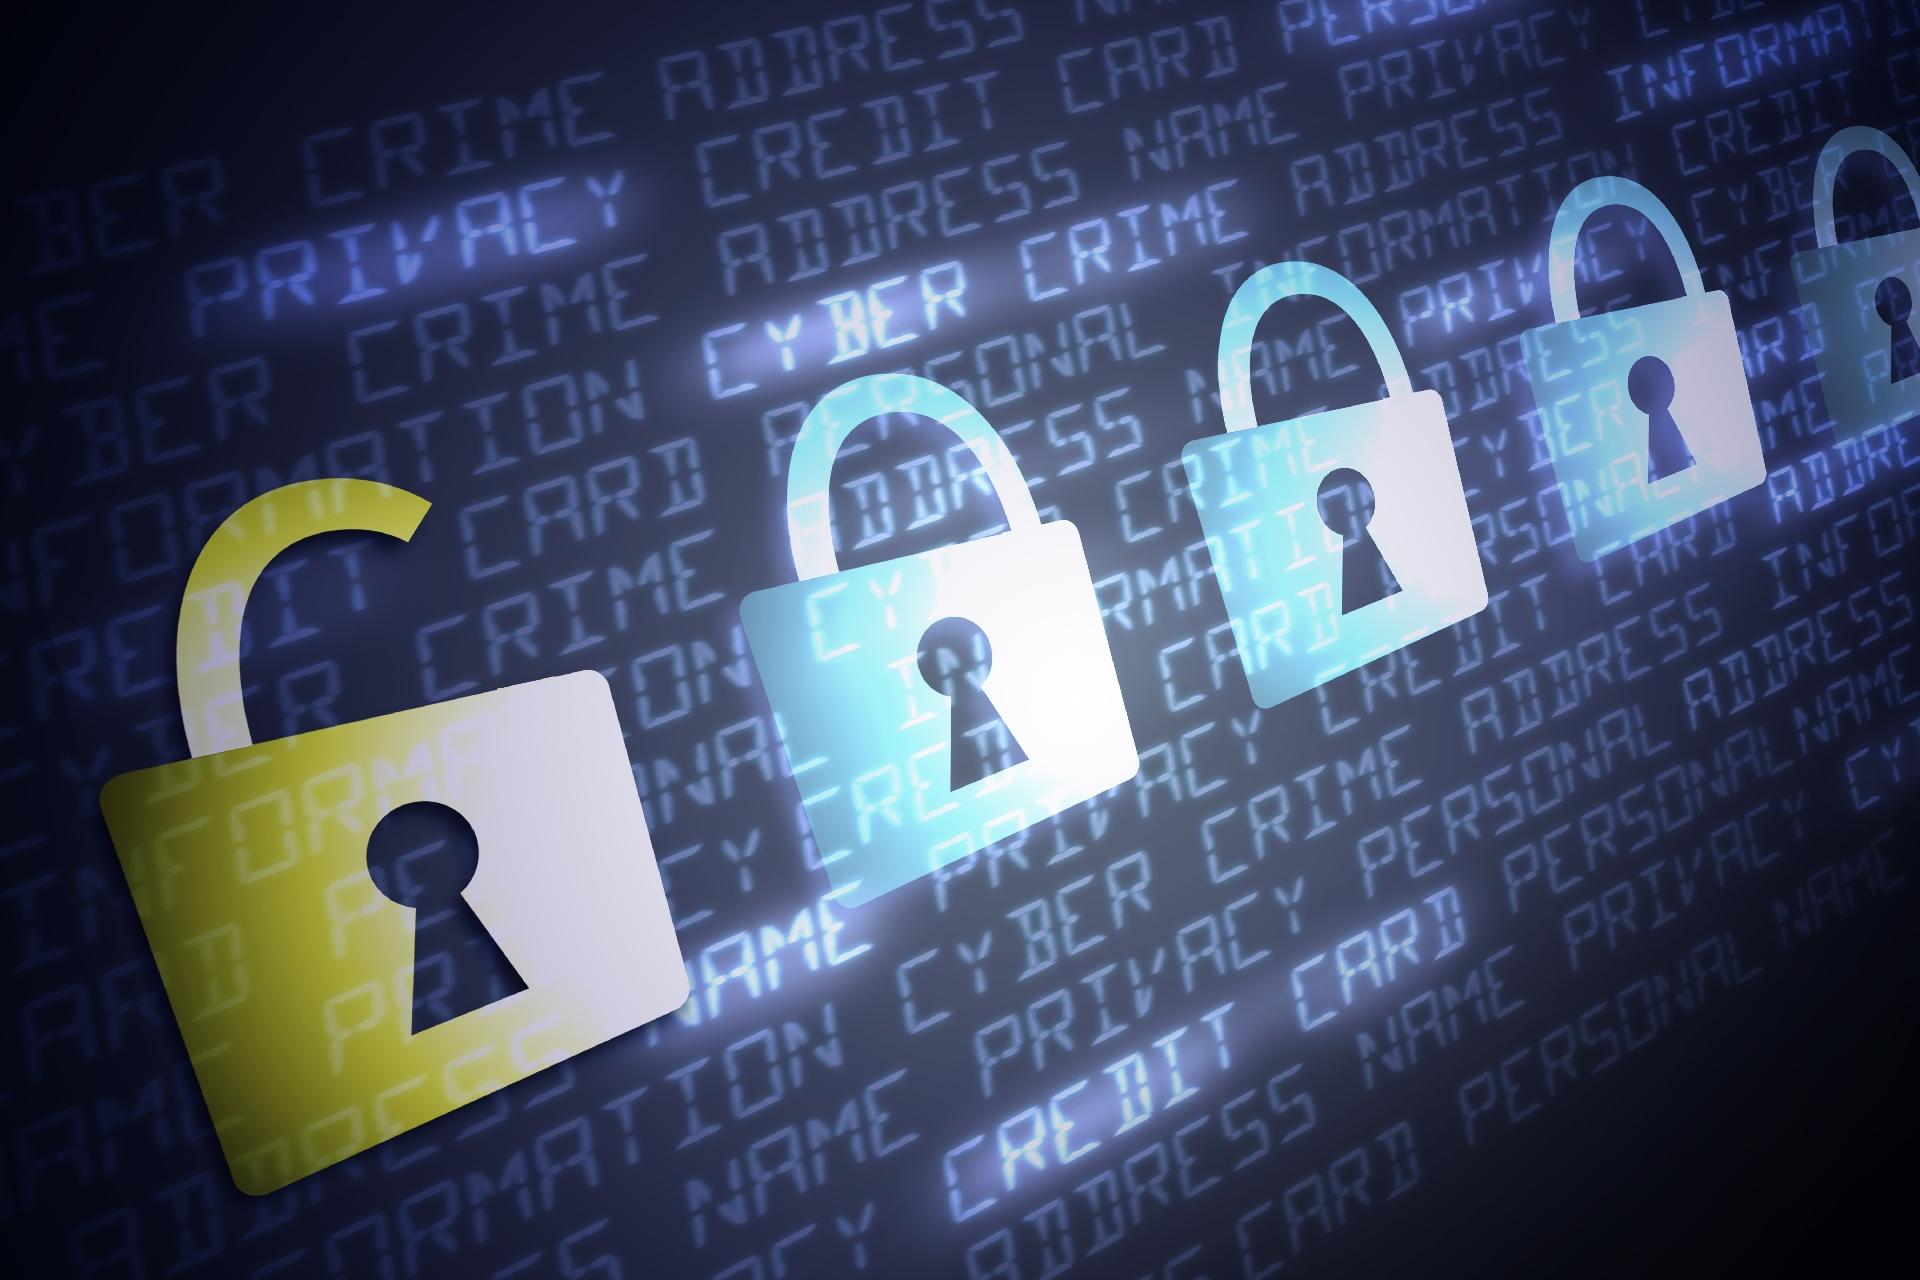 鍵 キー アンロック 侵入 漏洩 データ 流出 サイバー攻撃 key